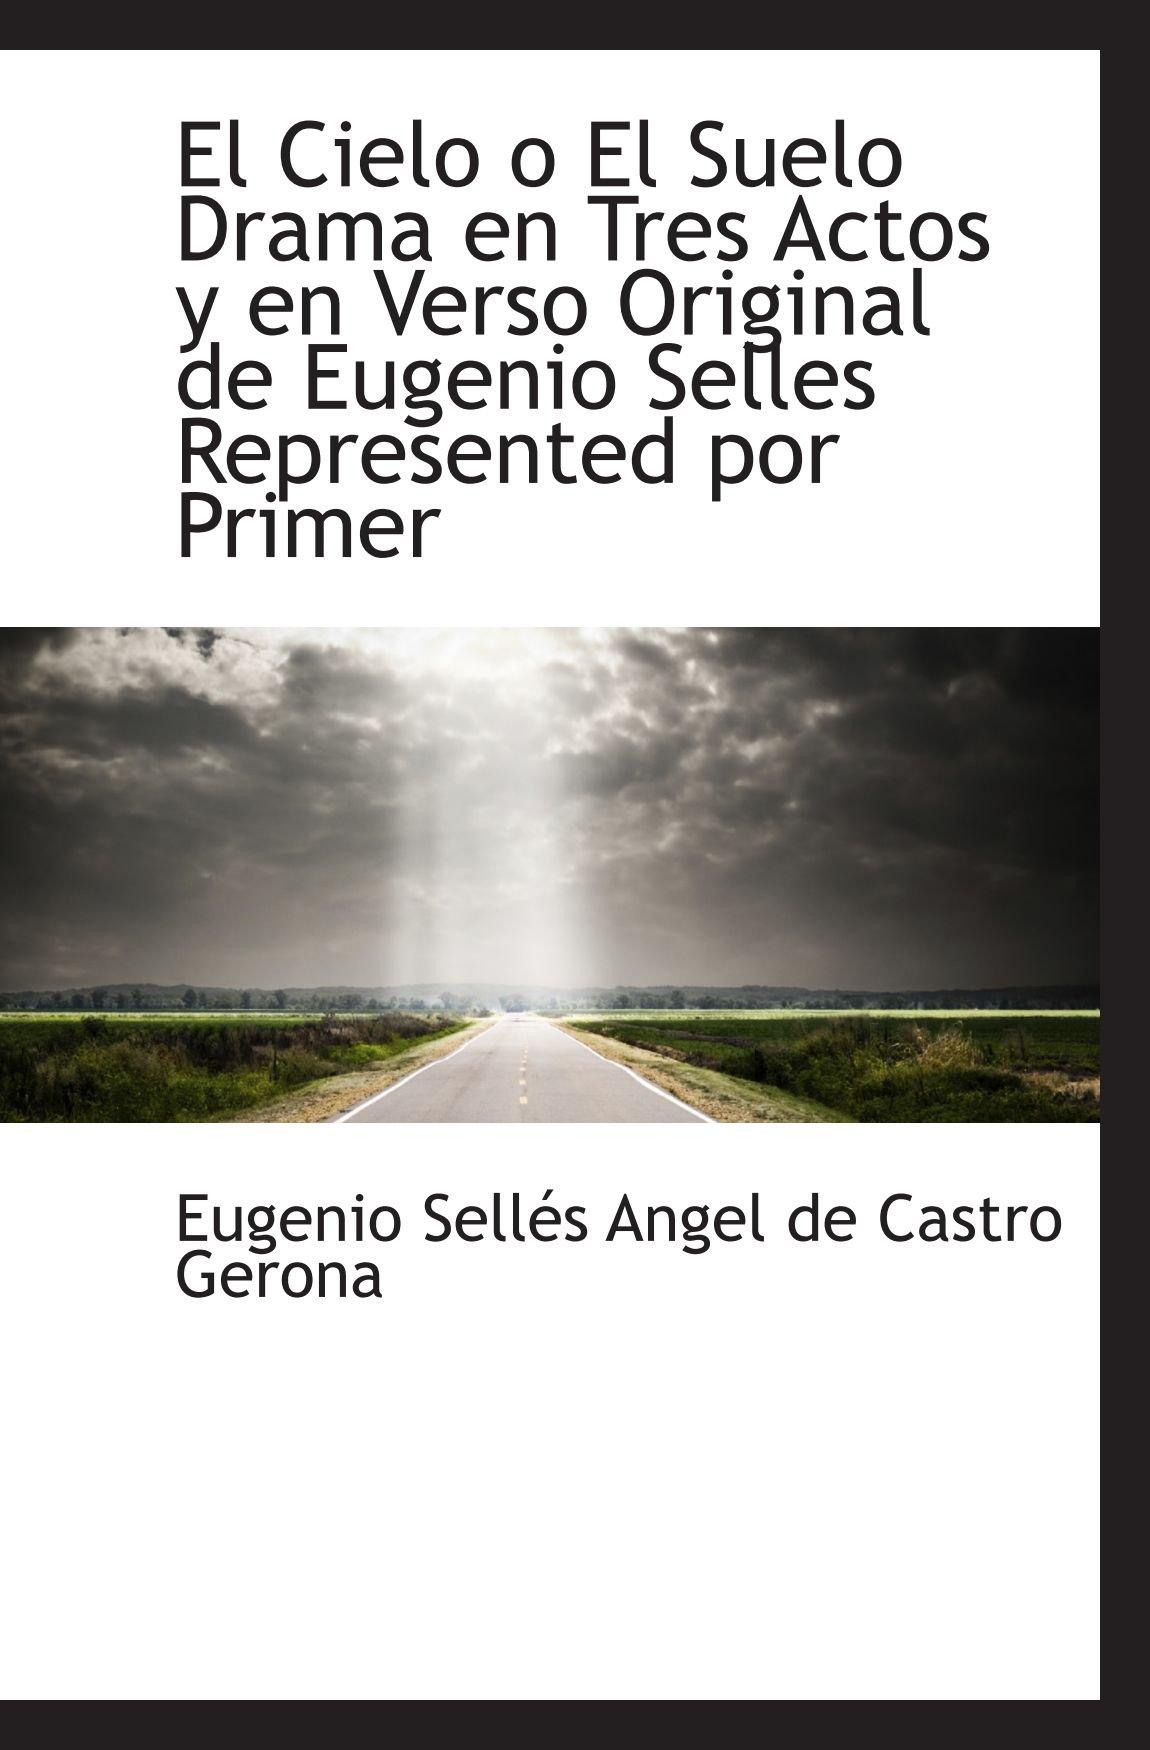 Download El Cielo o El Suelo Drama en Tres Actos y en Verso Original de Eugenio Selles Represented por Primer (Spanish Edition) PDF